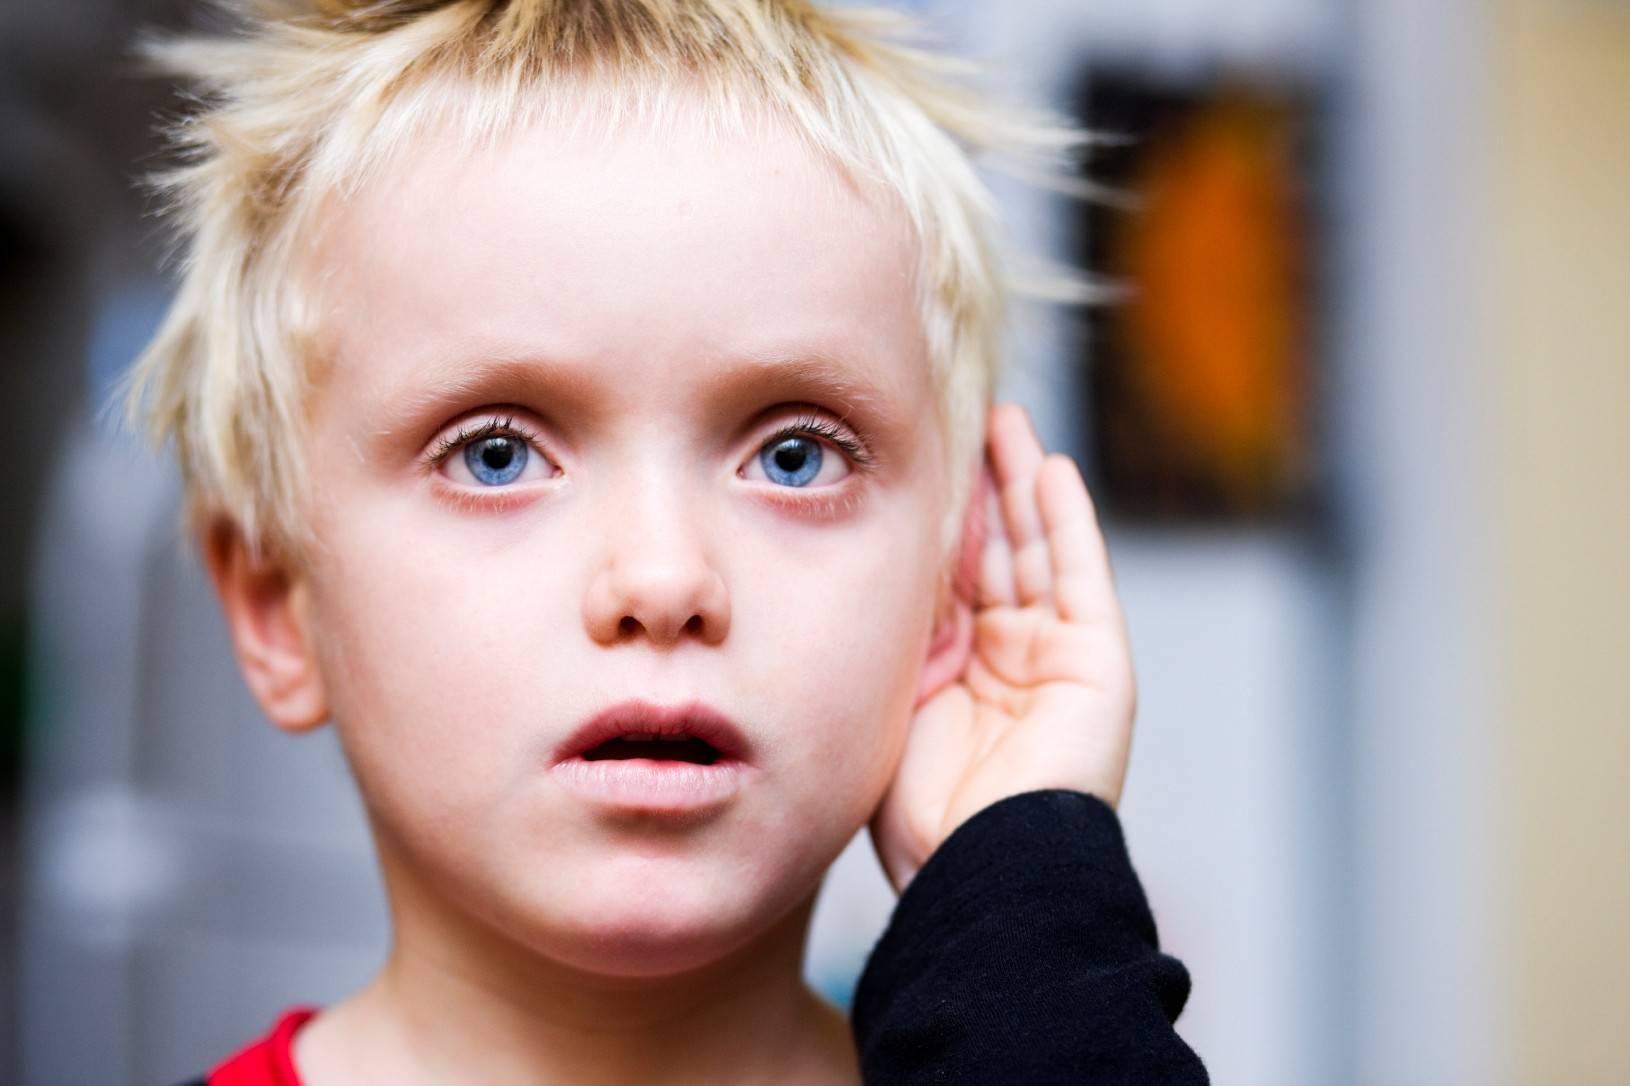 Шизофрения или аутизм: популярные вопросы про беременность и ответы на них